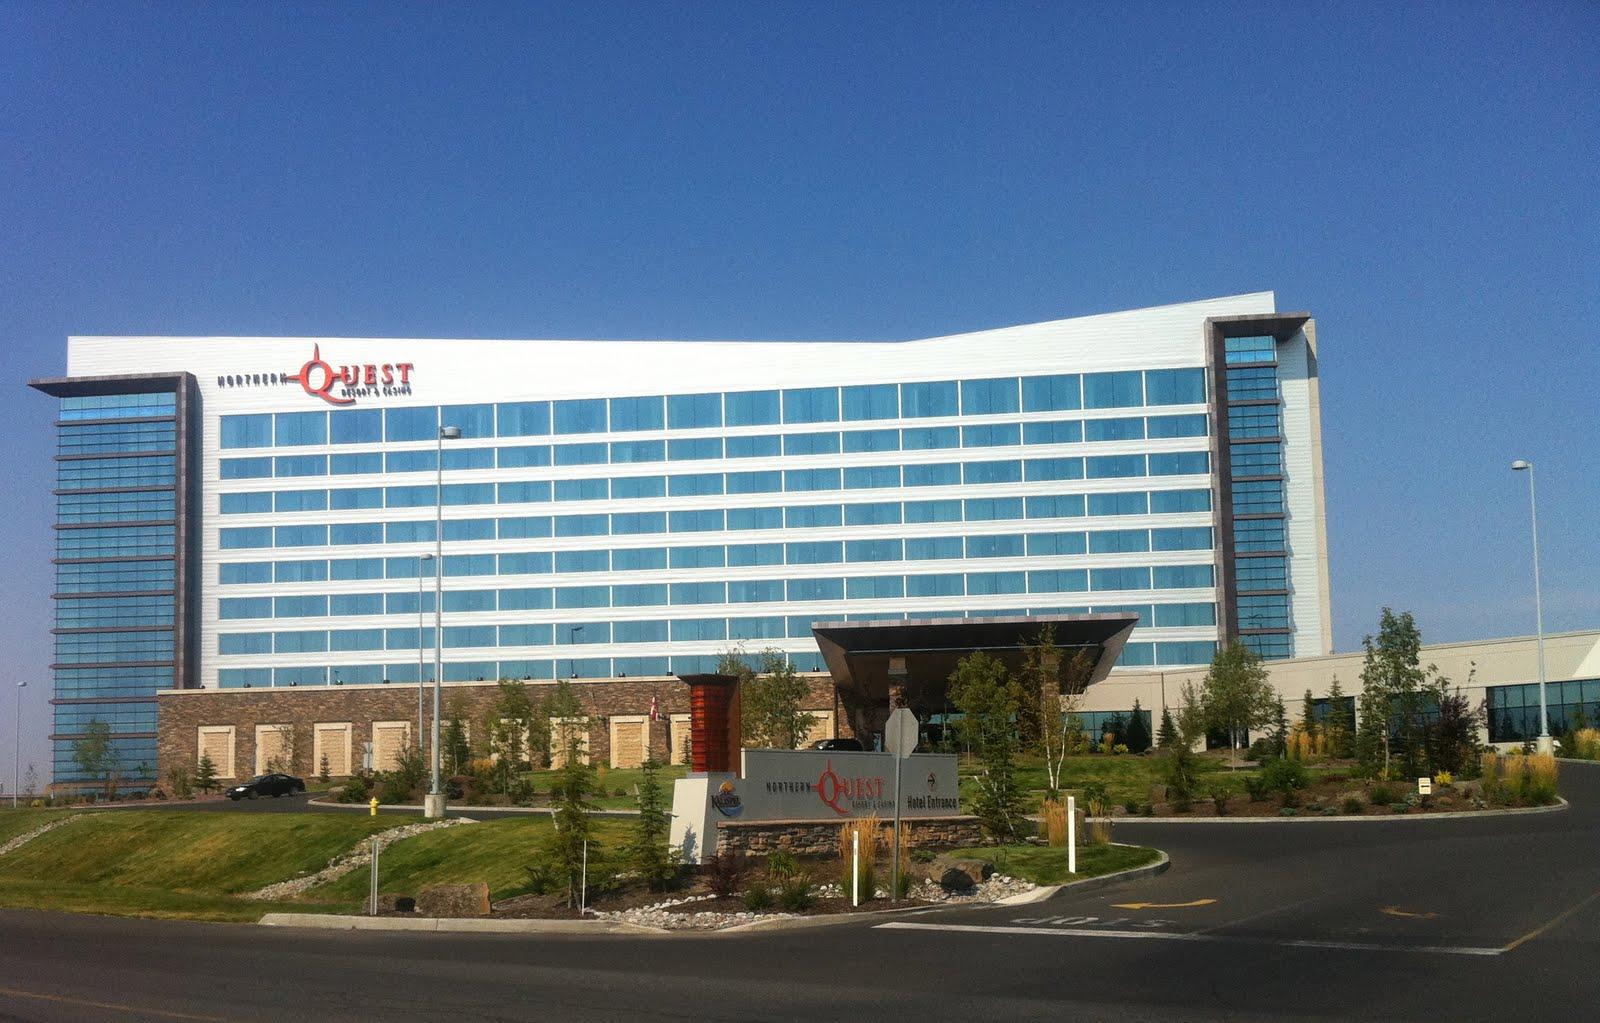 Casino spokane north quest